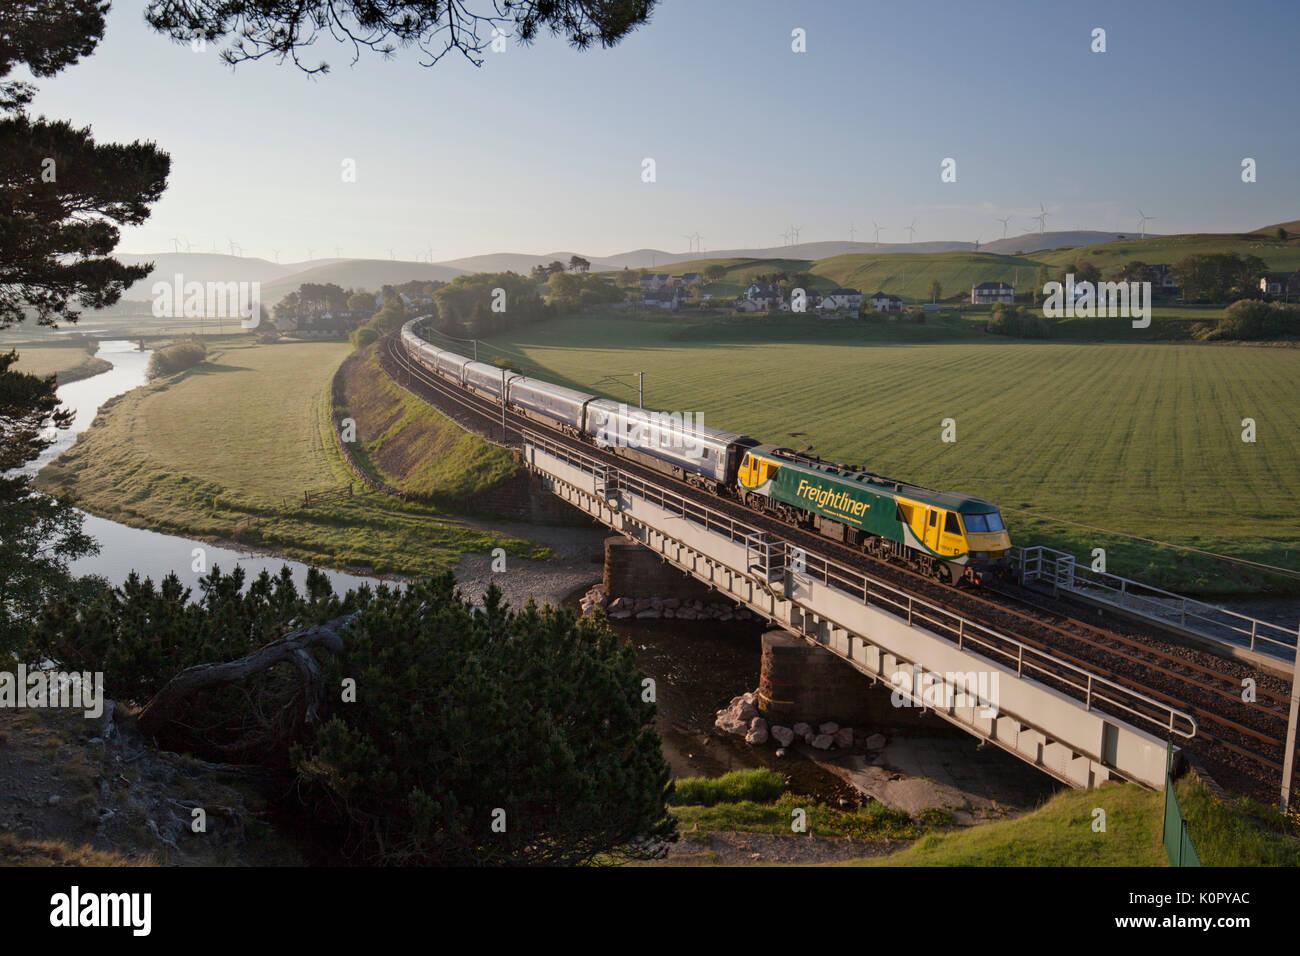 Caledonian Sleeper Train Stock Photos  U0026 Caledonian Sleeper